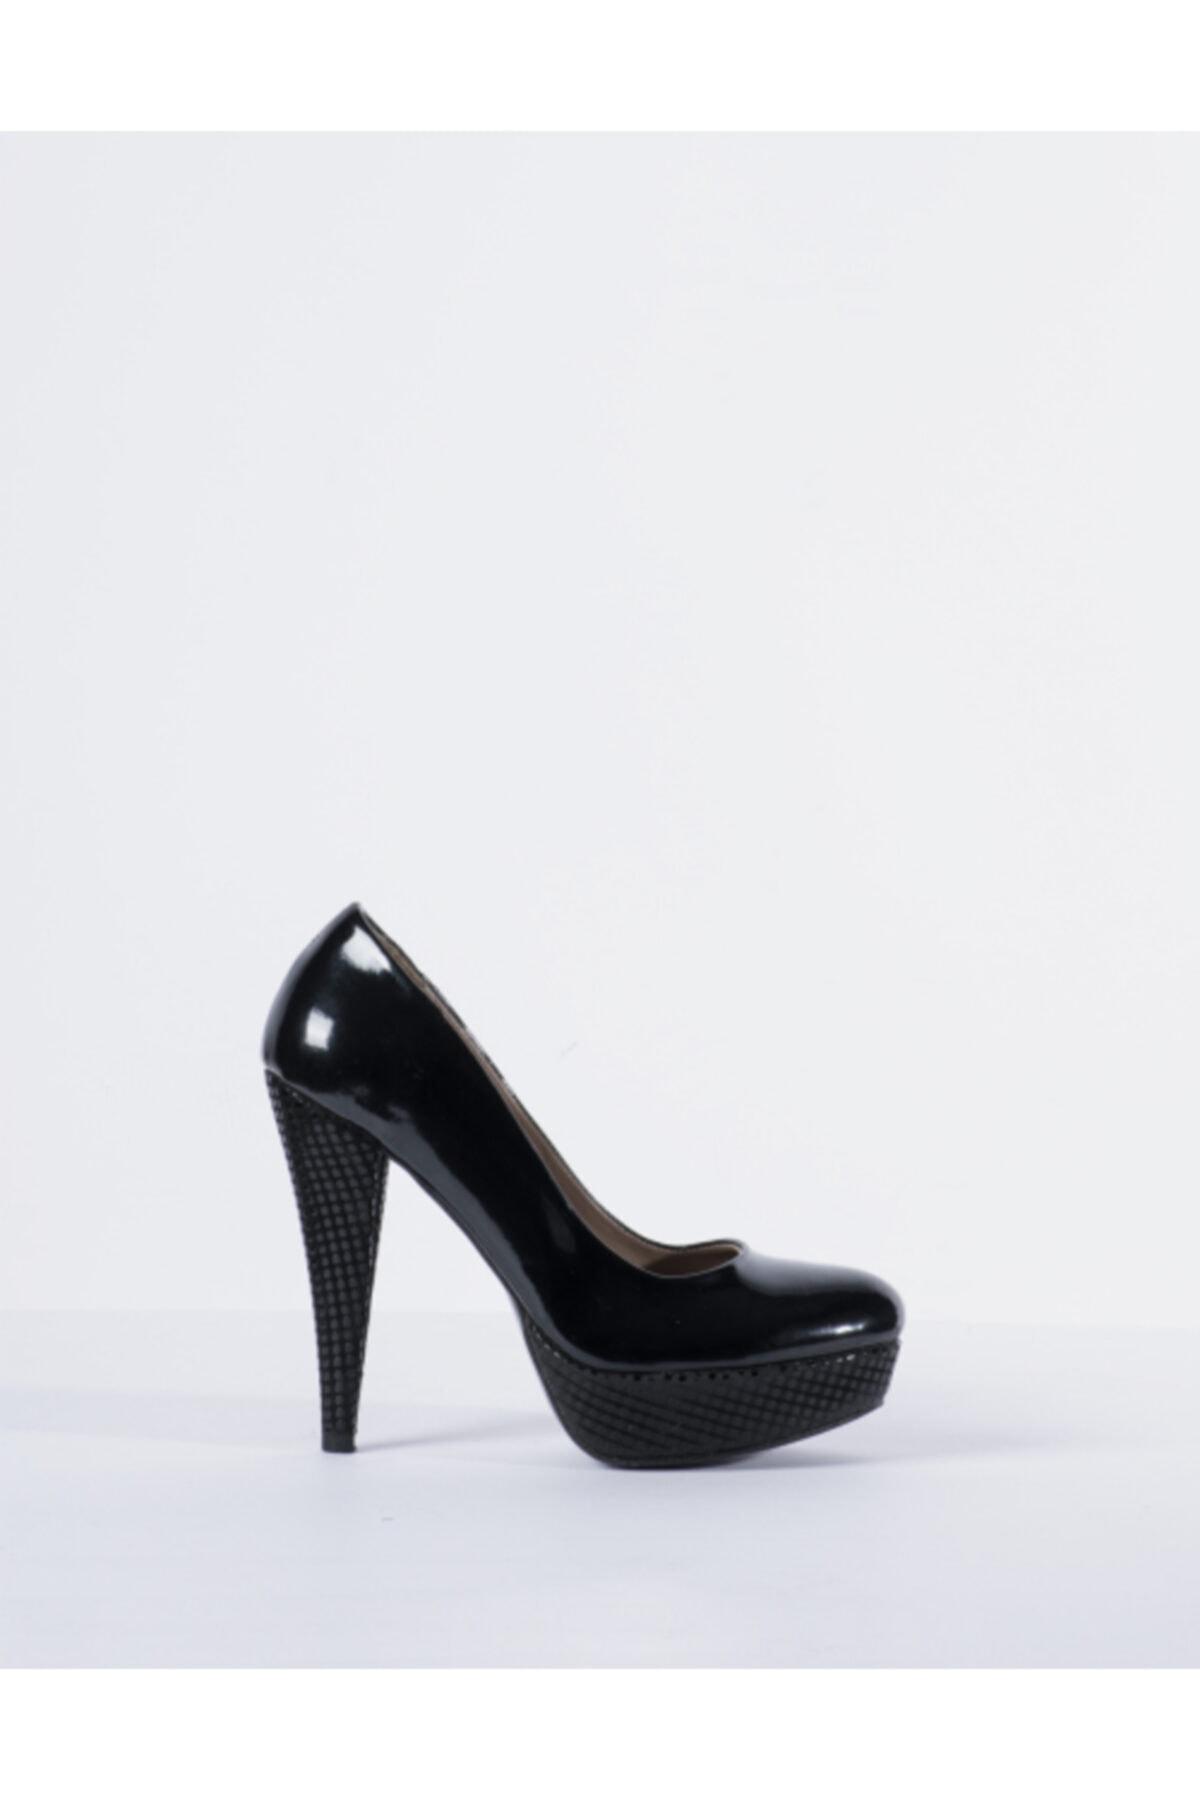 Vision Kadın Siyah Topuklu Ayakkabı 1